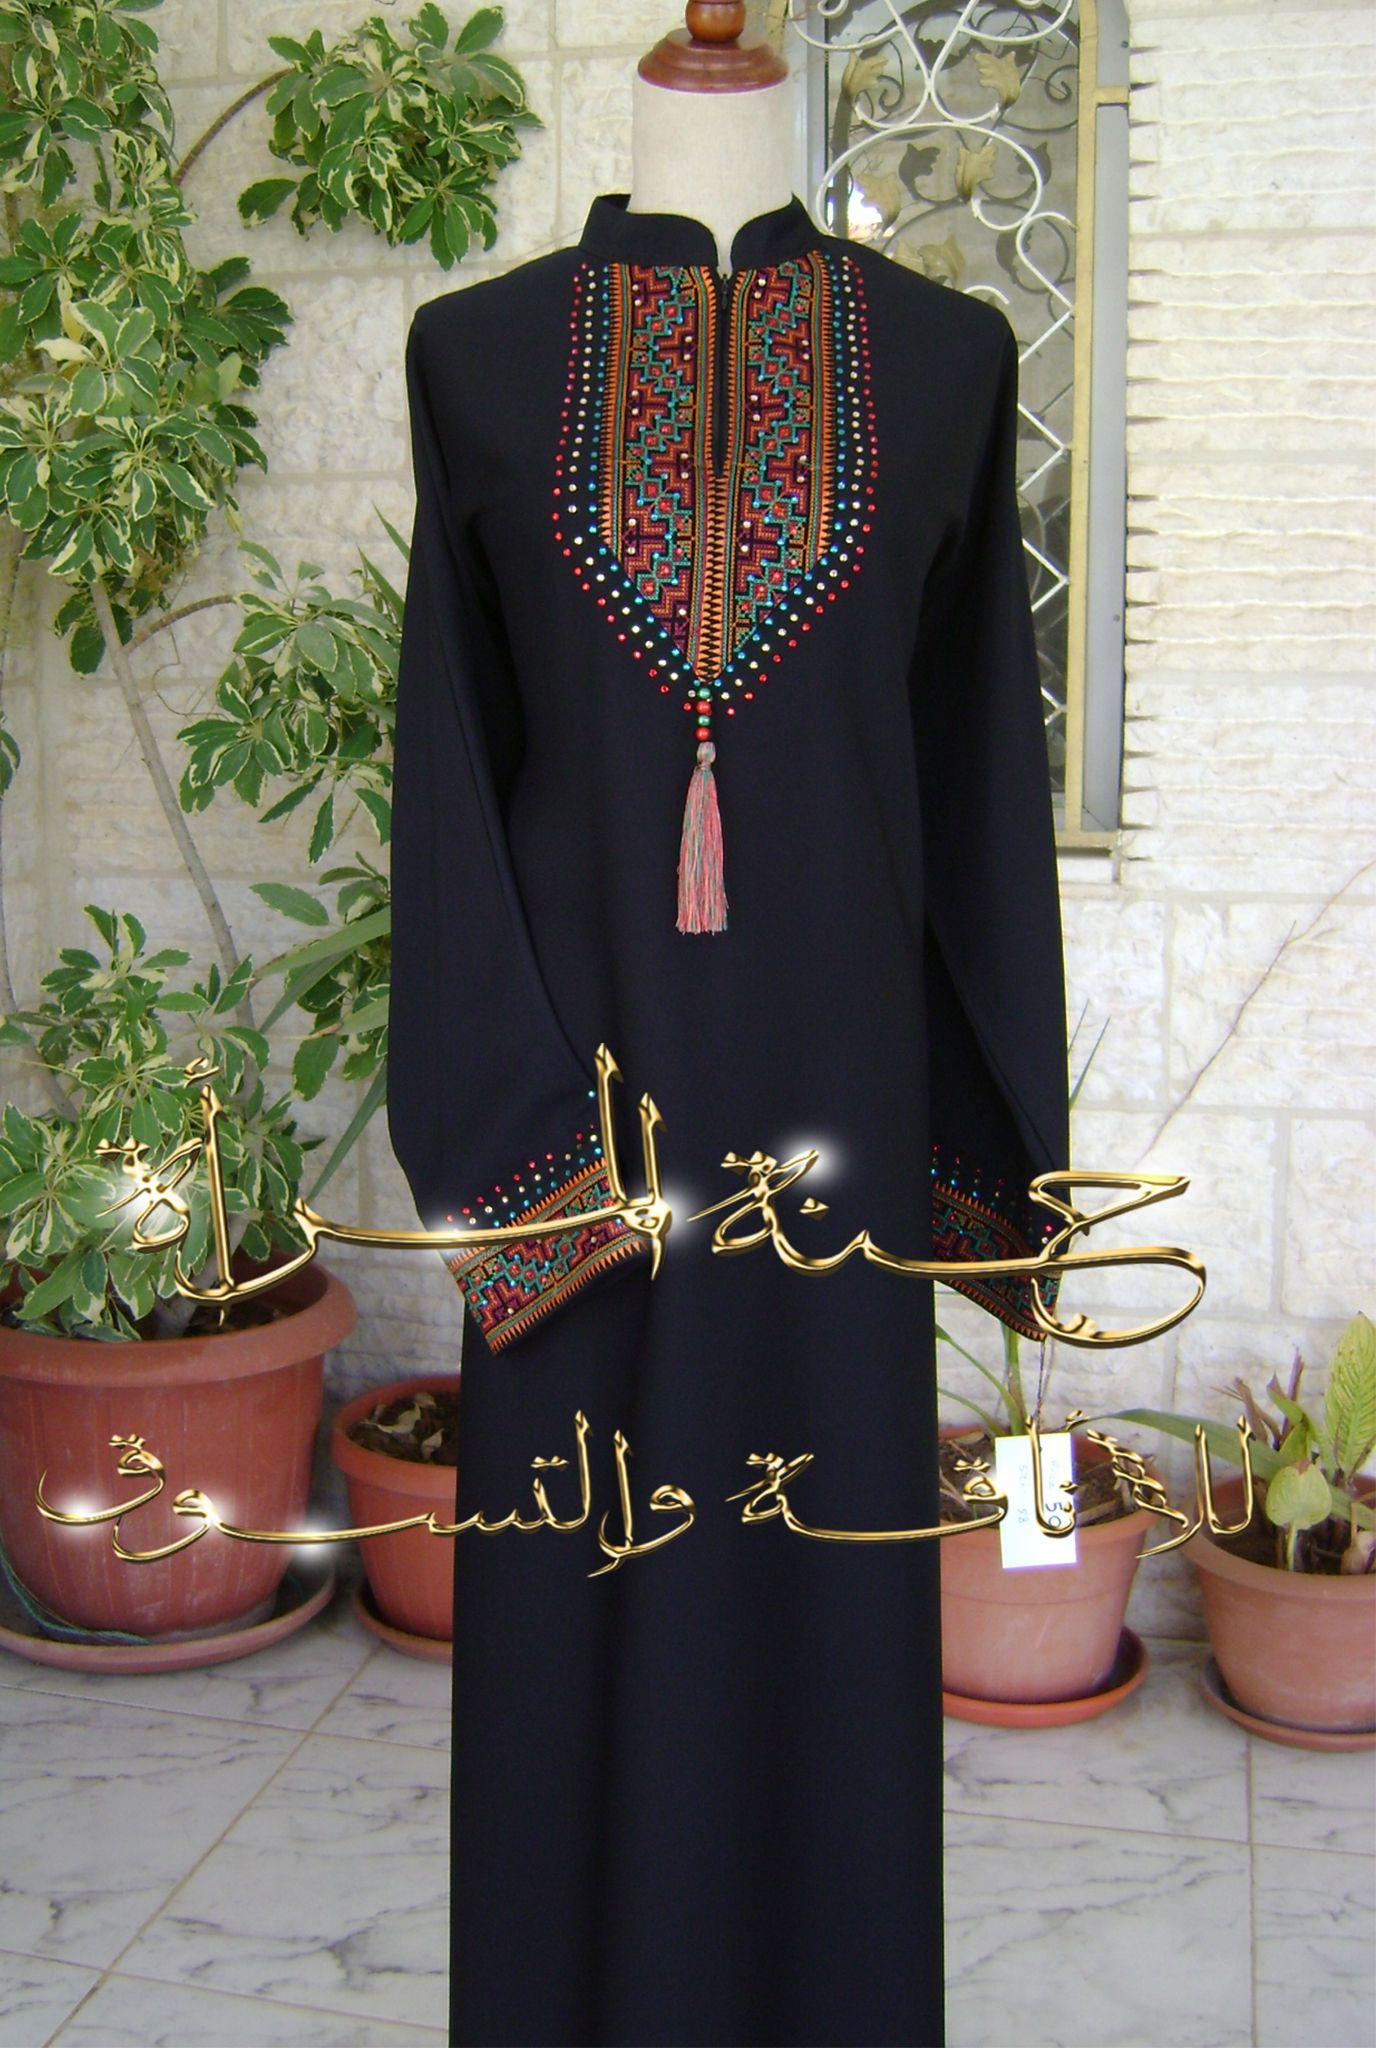 متوفر بسعر التصفية Long Sleeve Dress Fashion Checks